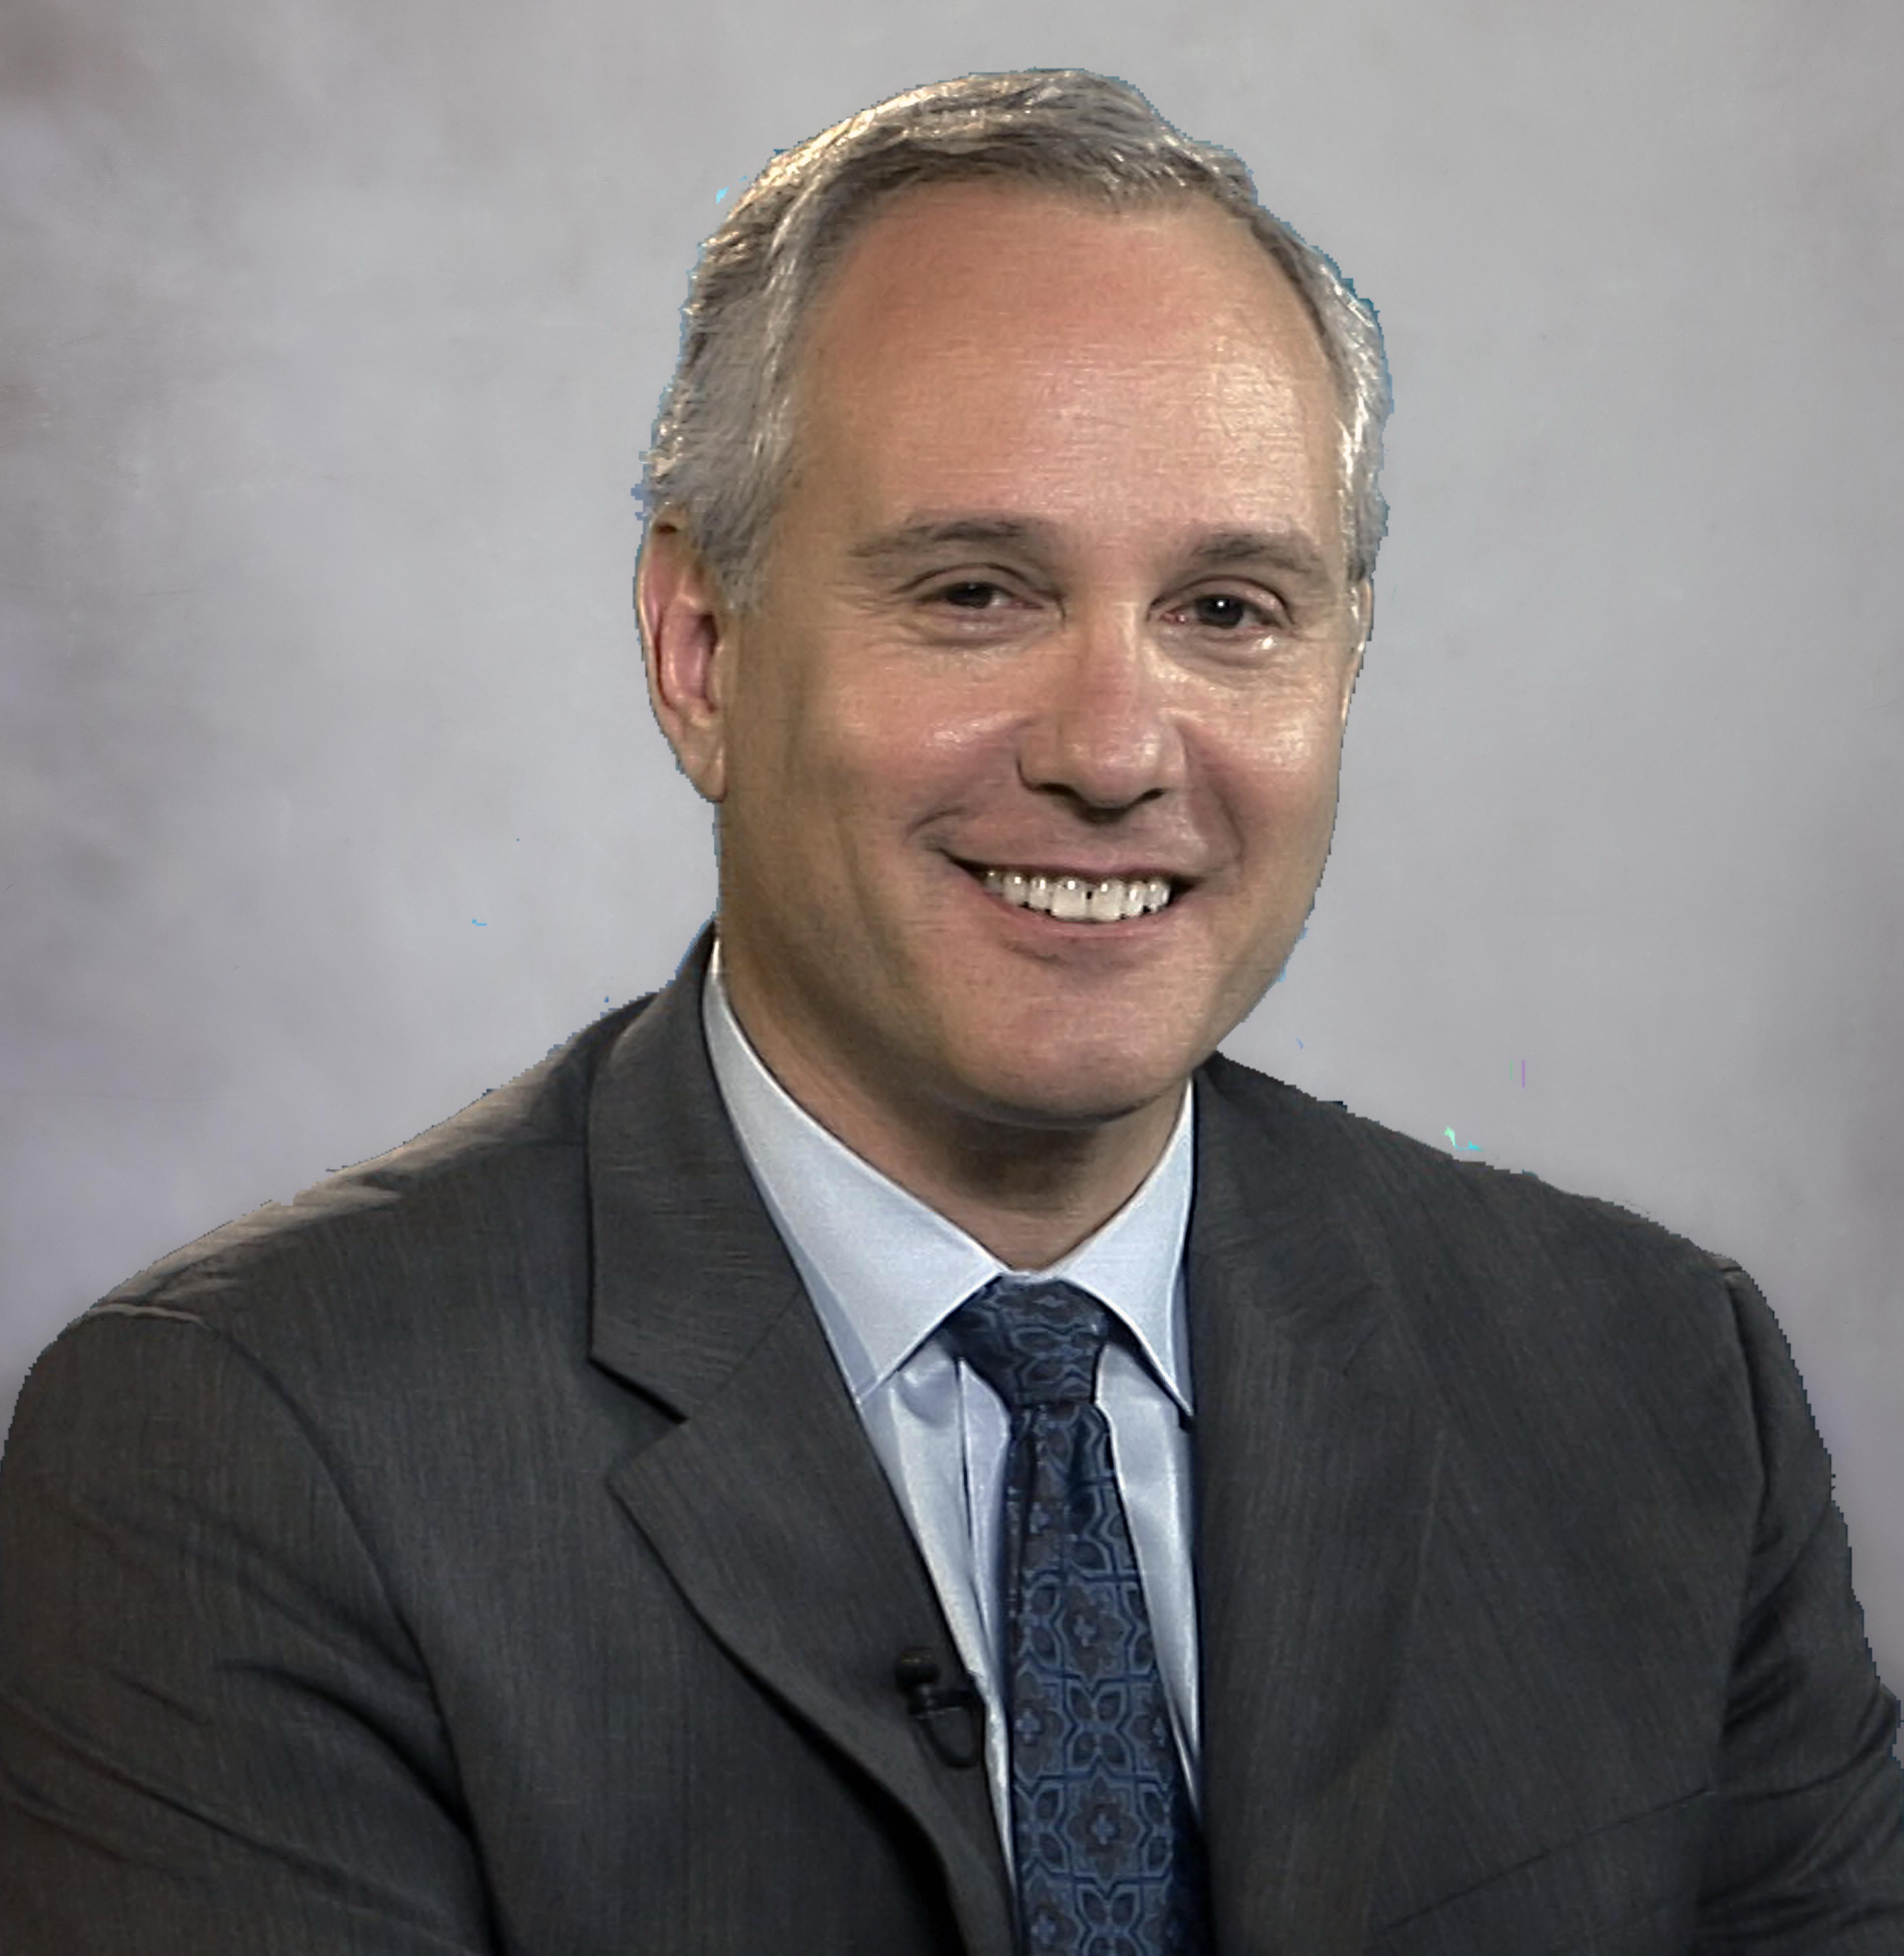 Ross Rosenberg